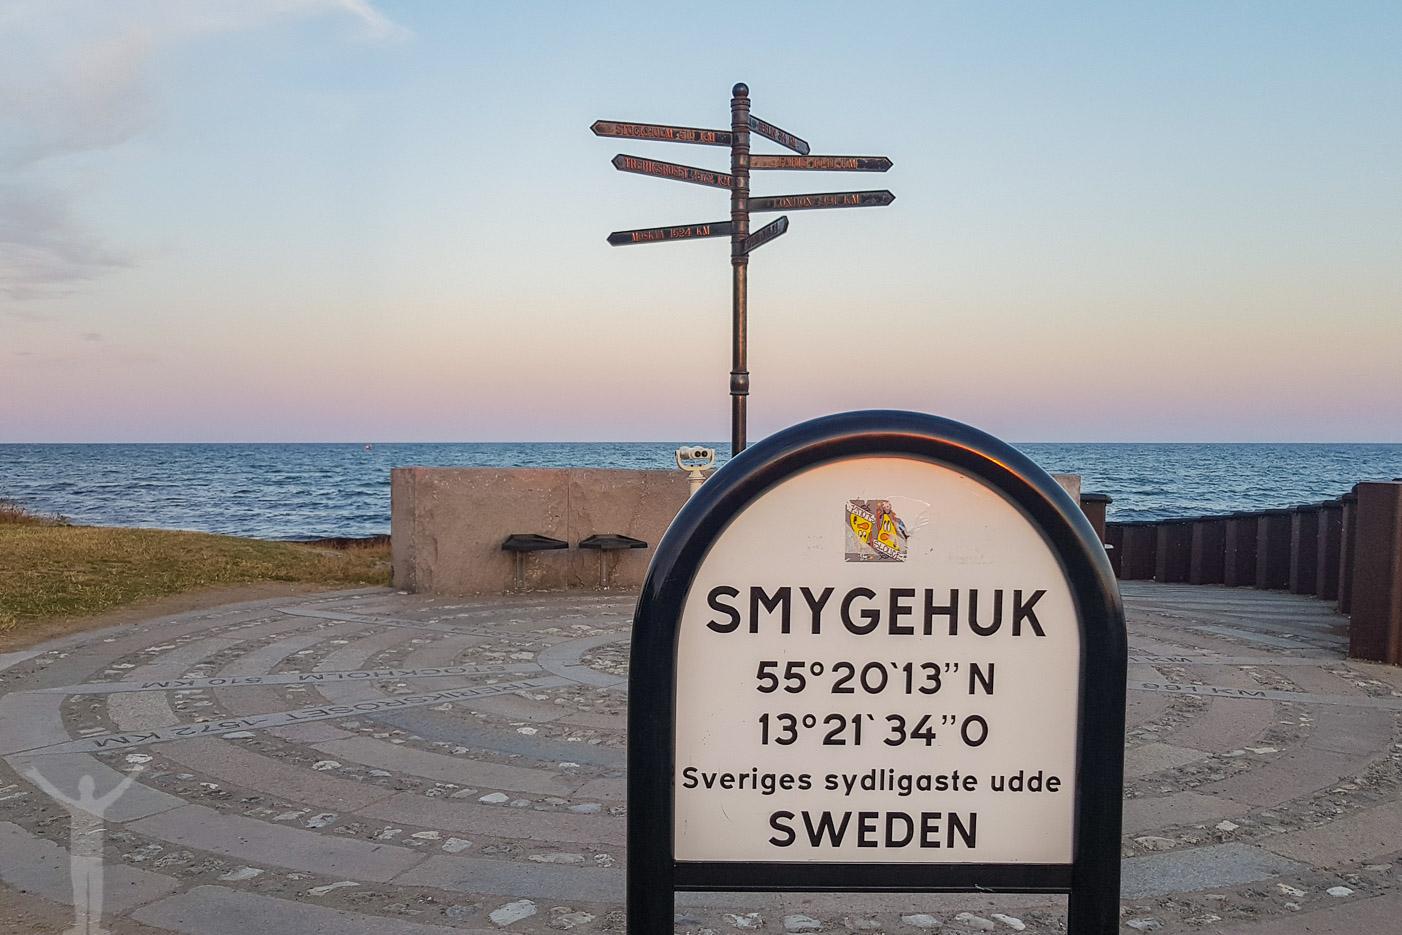 Smygehuk - Sveriges sydligaste udde